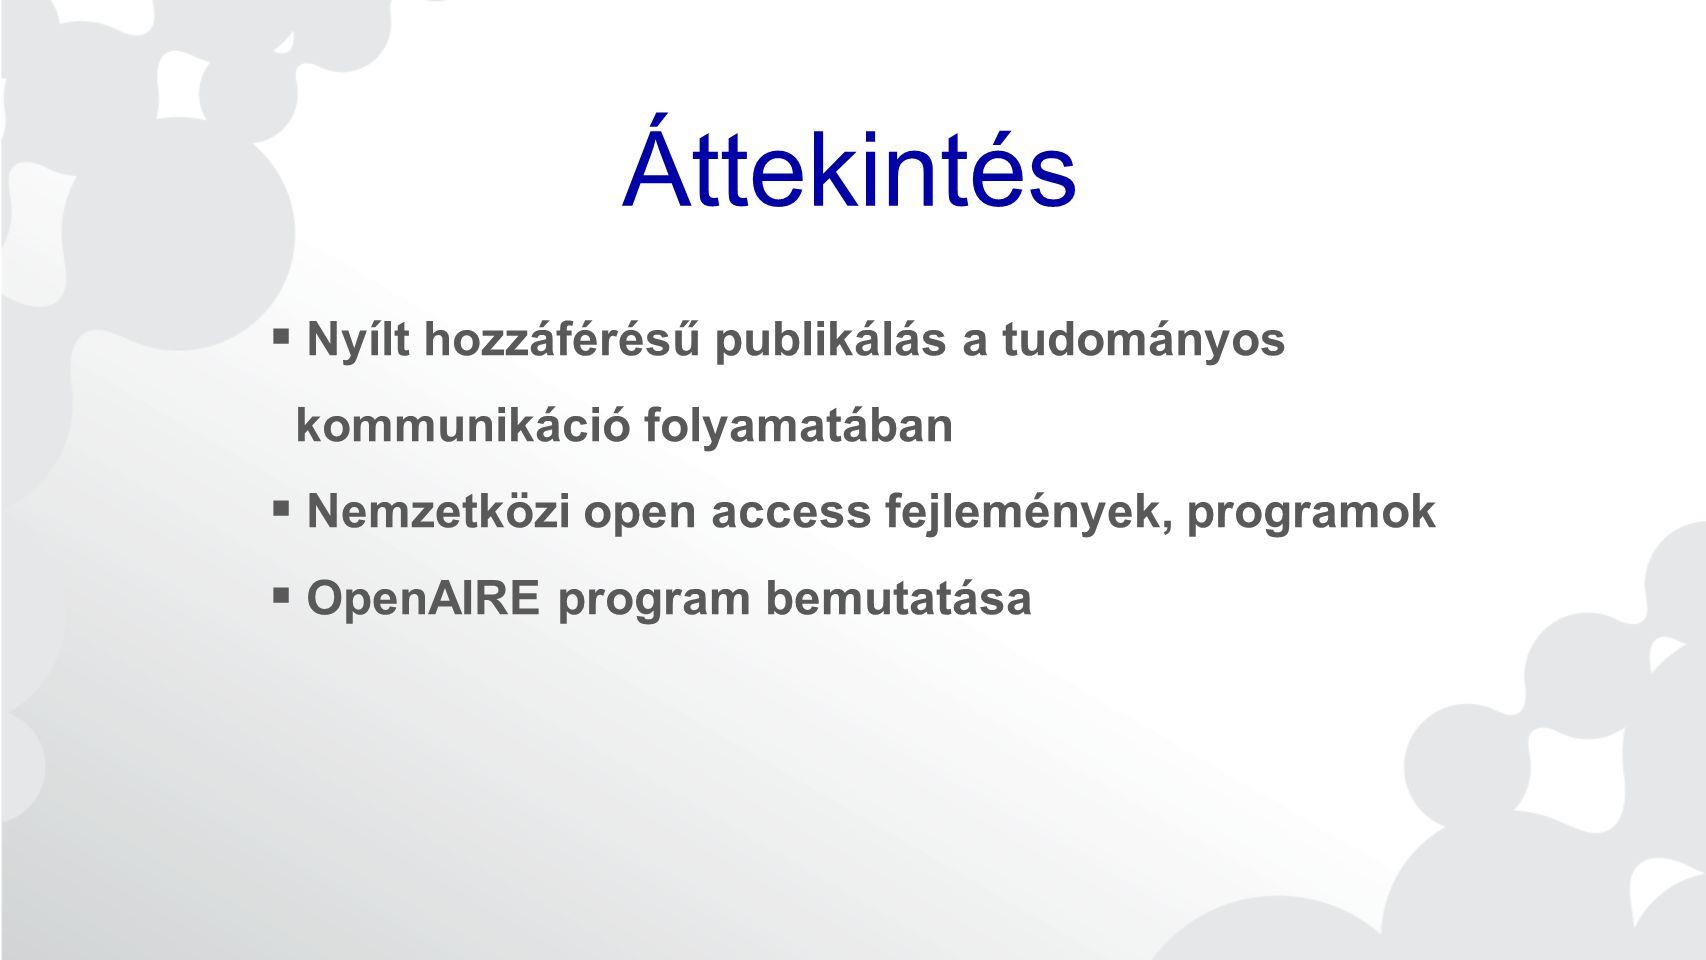 Áttekintés  Nyílt hozzáférésű publikálás a tudományos kommunikáció folyamatában  Nemzetközi open access fejlemények, programok  OpenAIRE program bemutatása